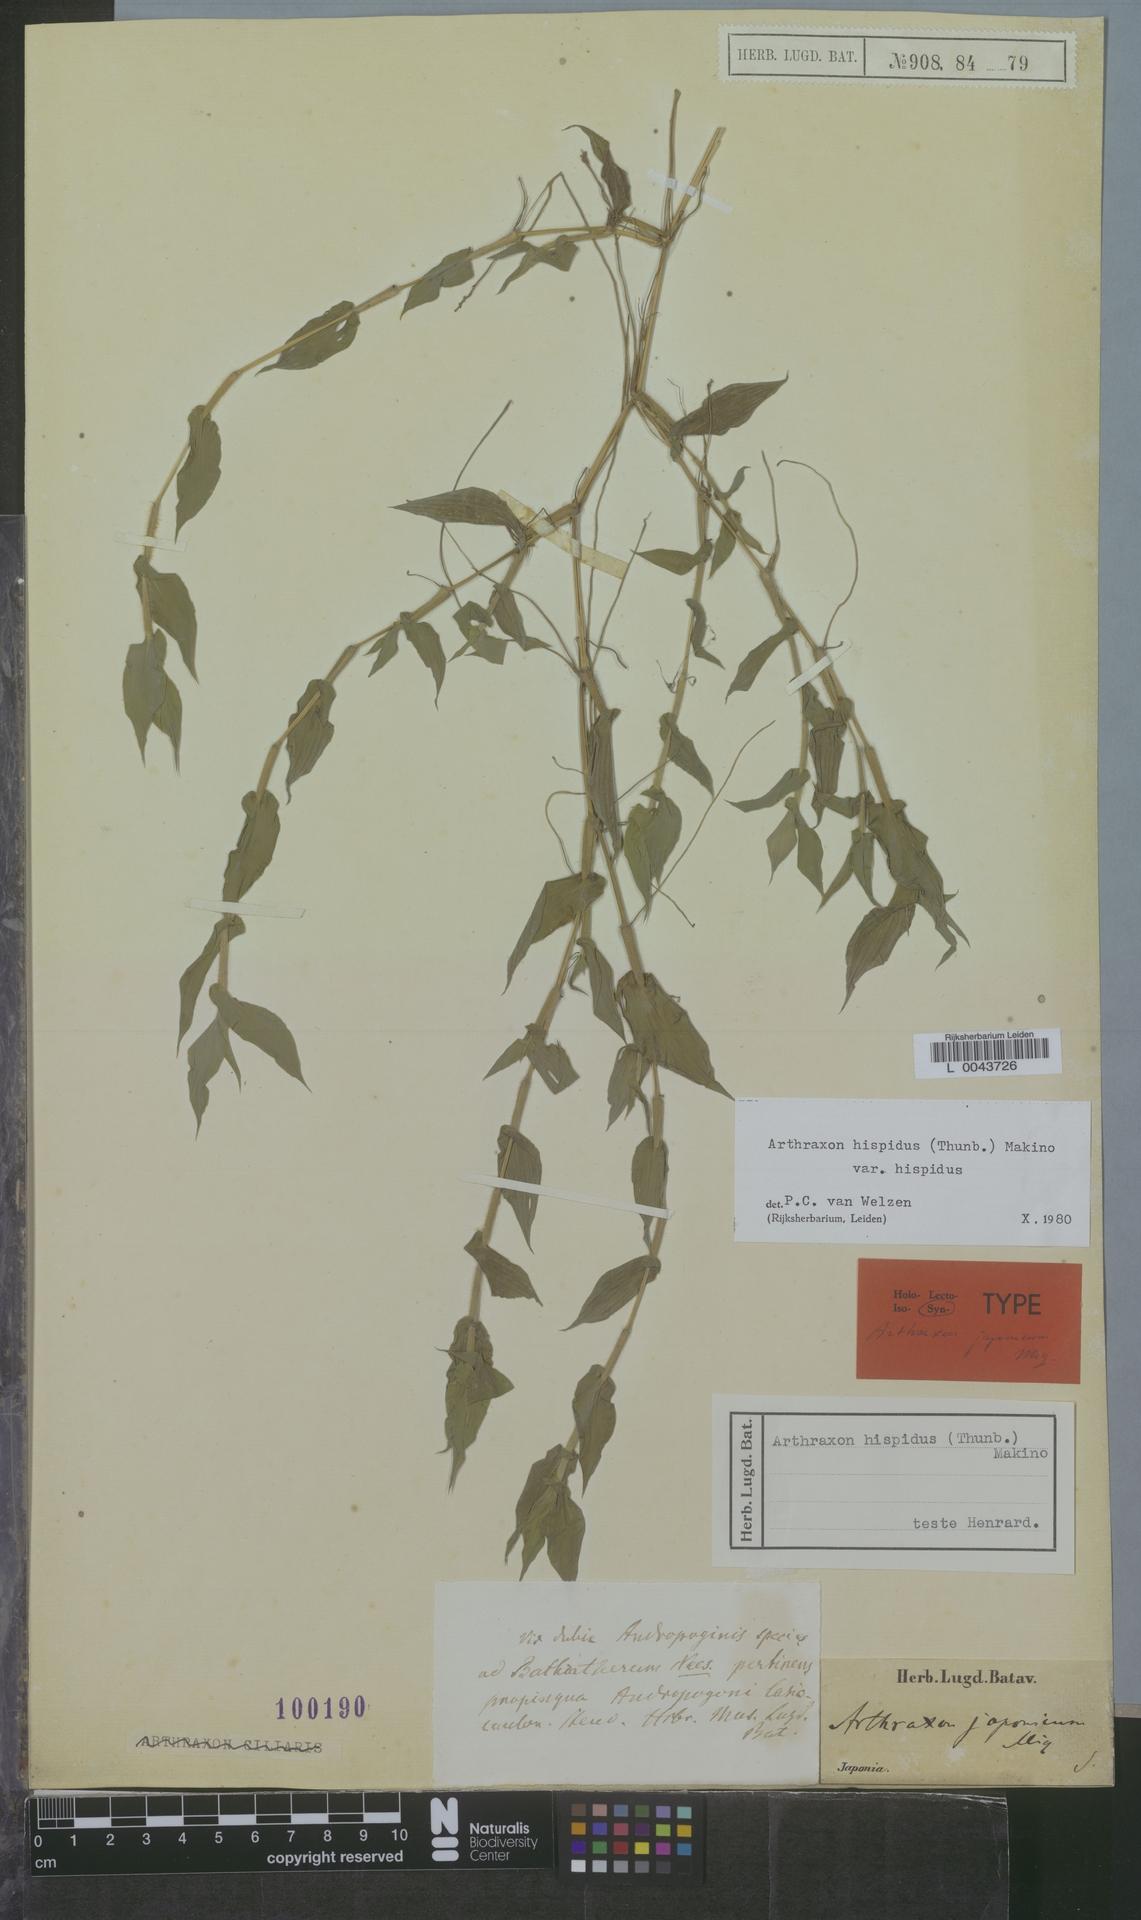 L  0043726 | Arthraxon hispidus var. hispidus